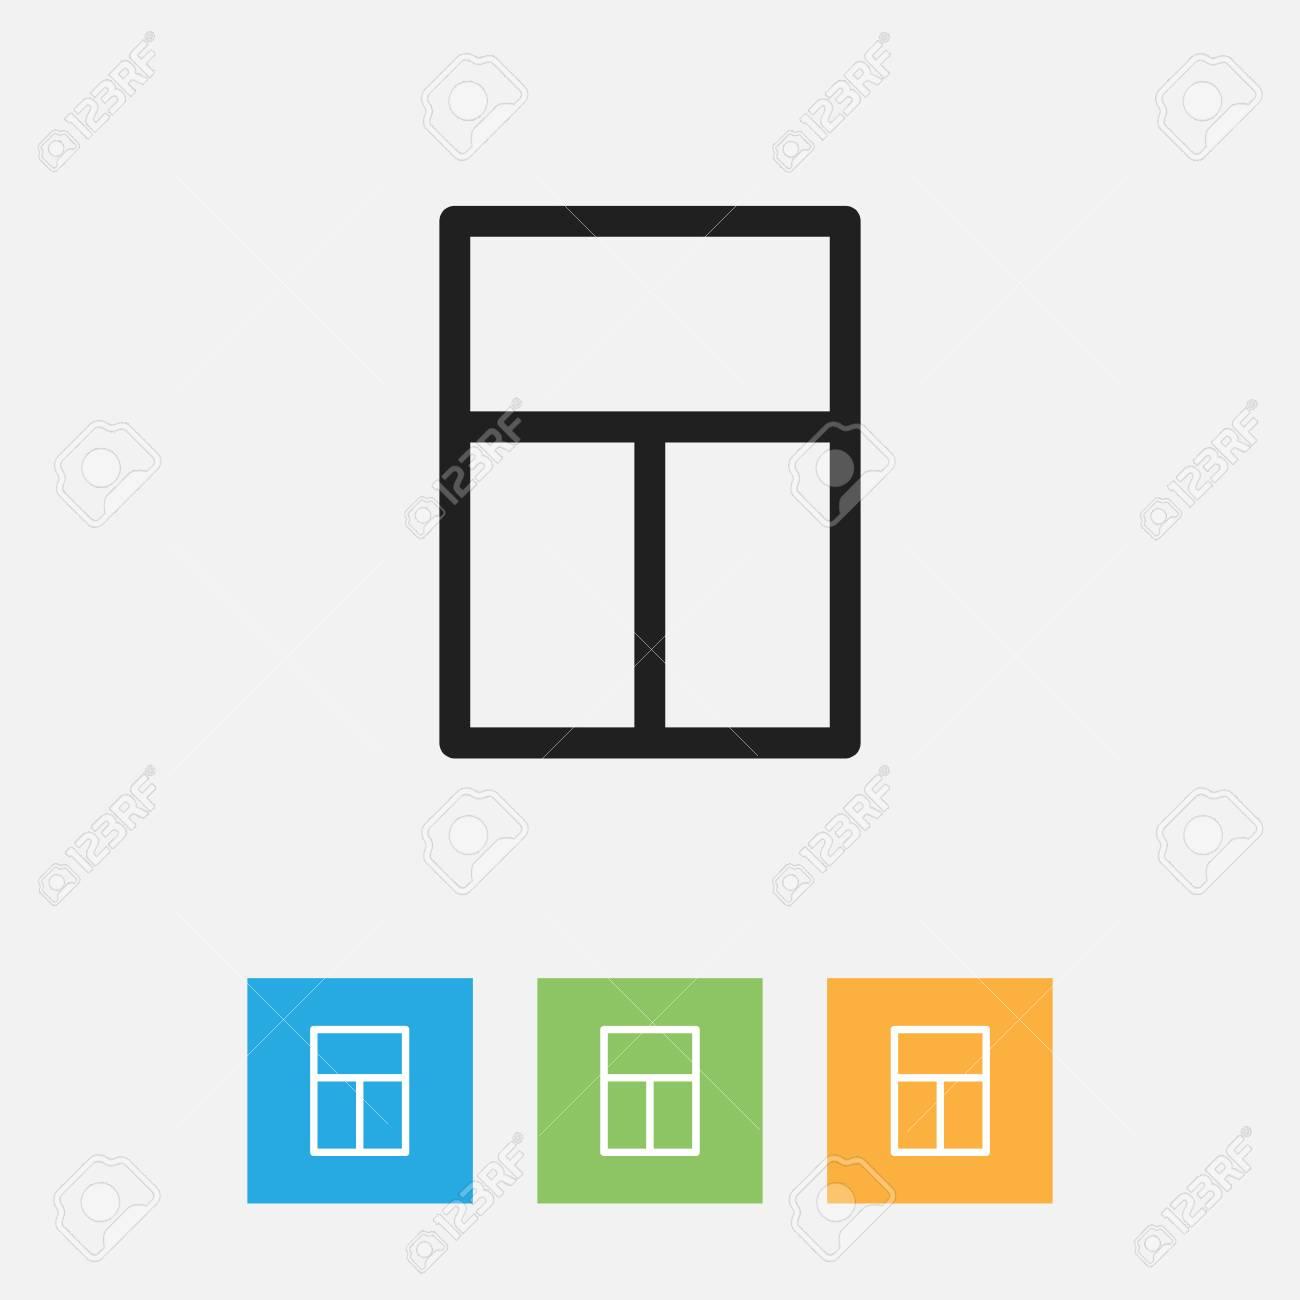 Vector Illustration Of Kin Symbol On Windows Outline